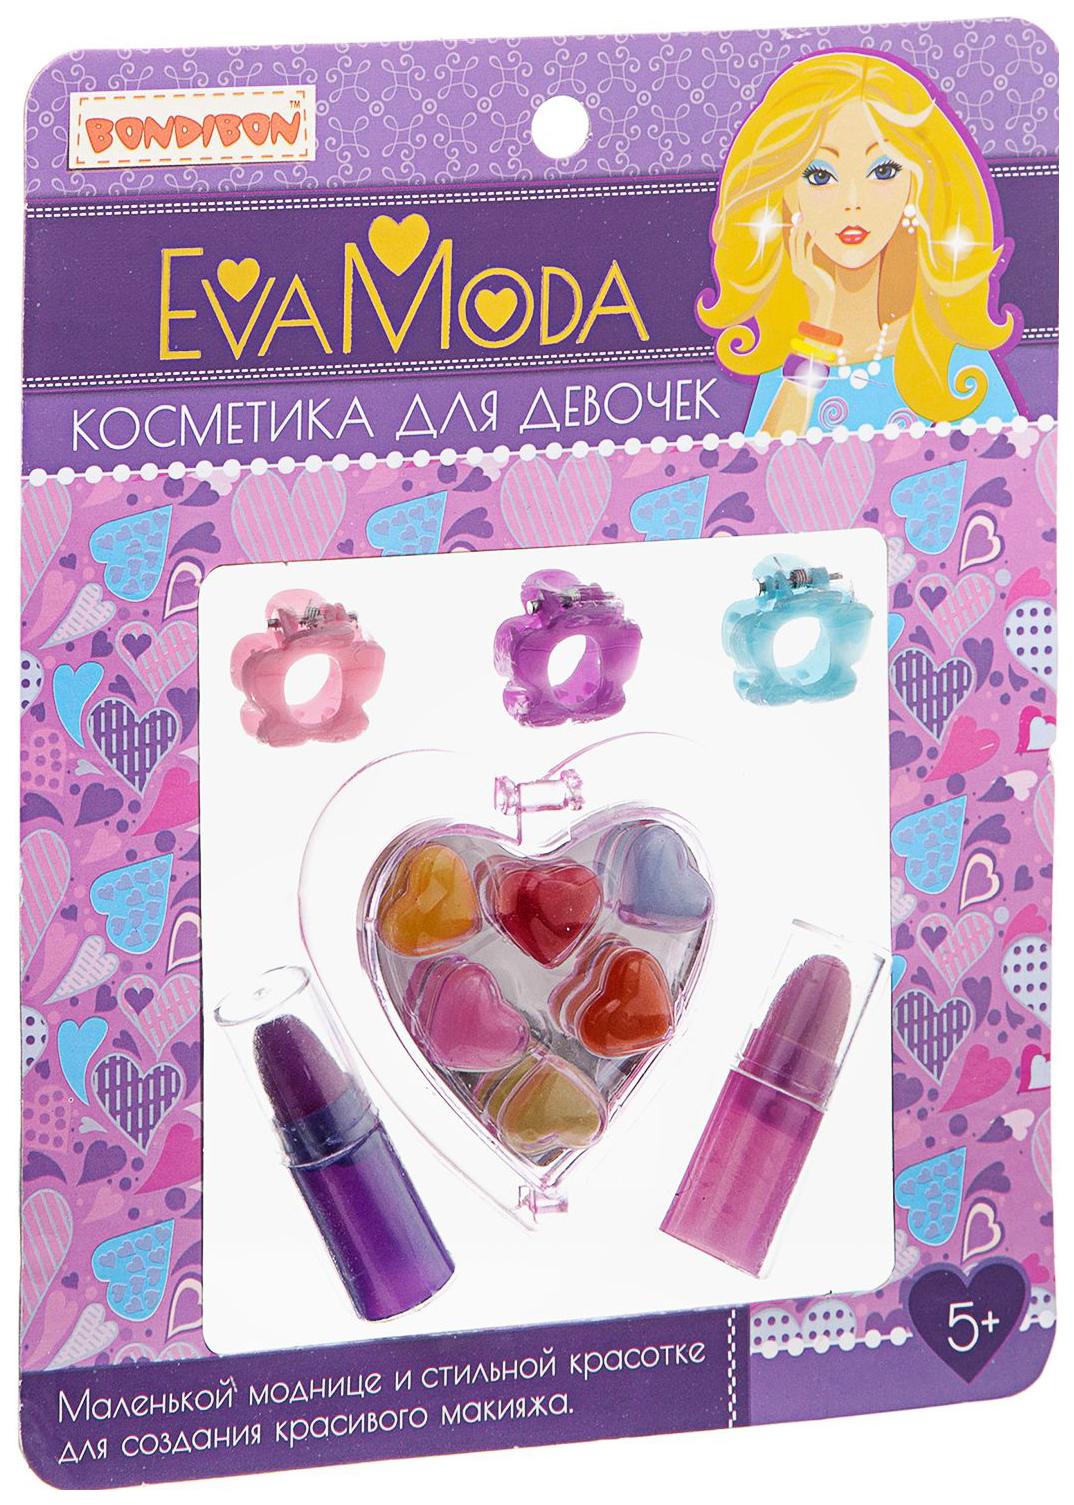 Купить Набор детской декоративной косметики Bondibon Eva Moda CRD помады,